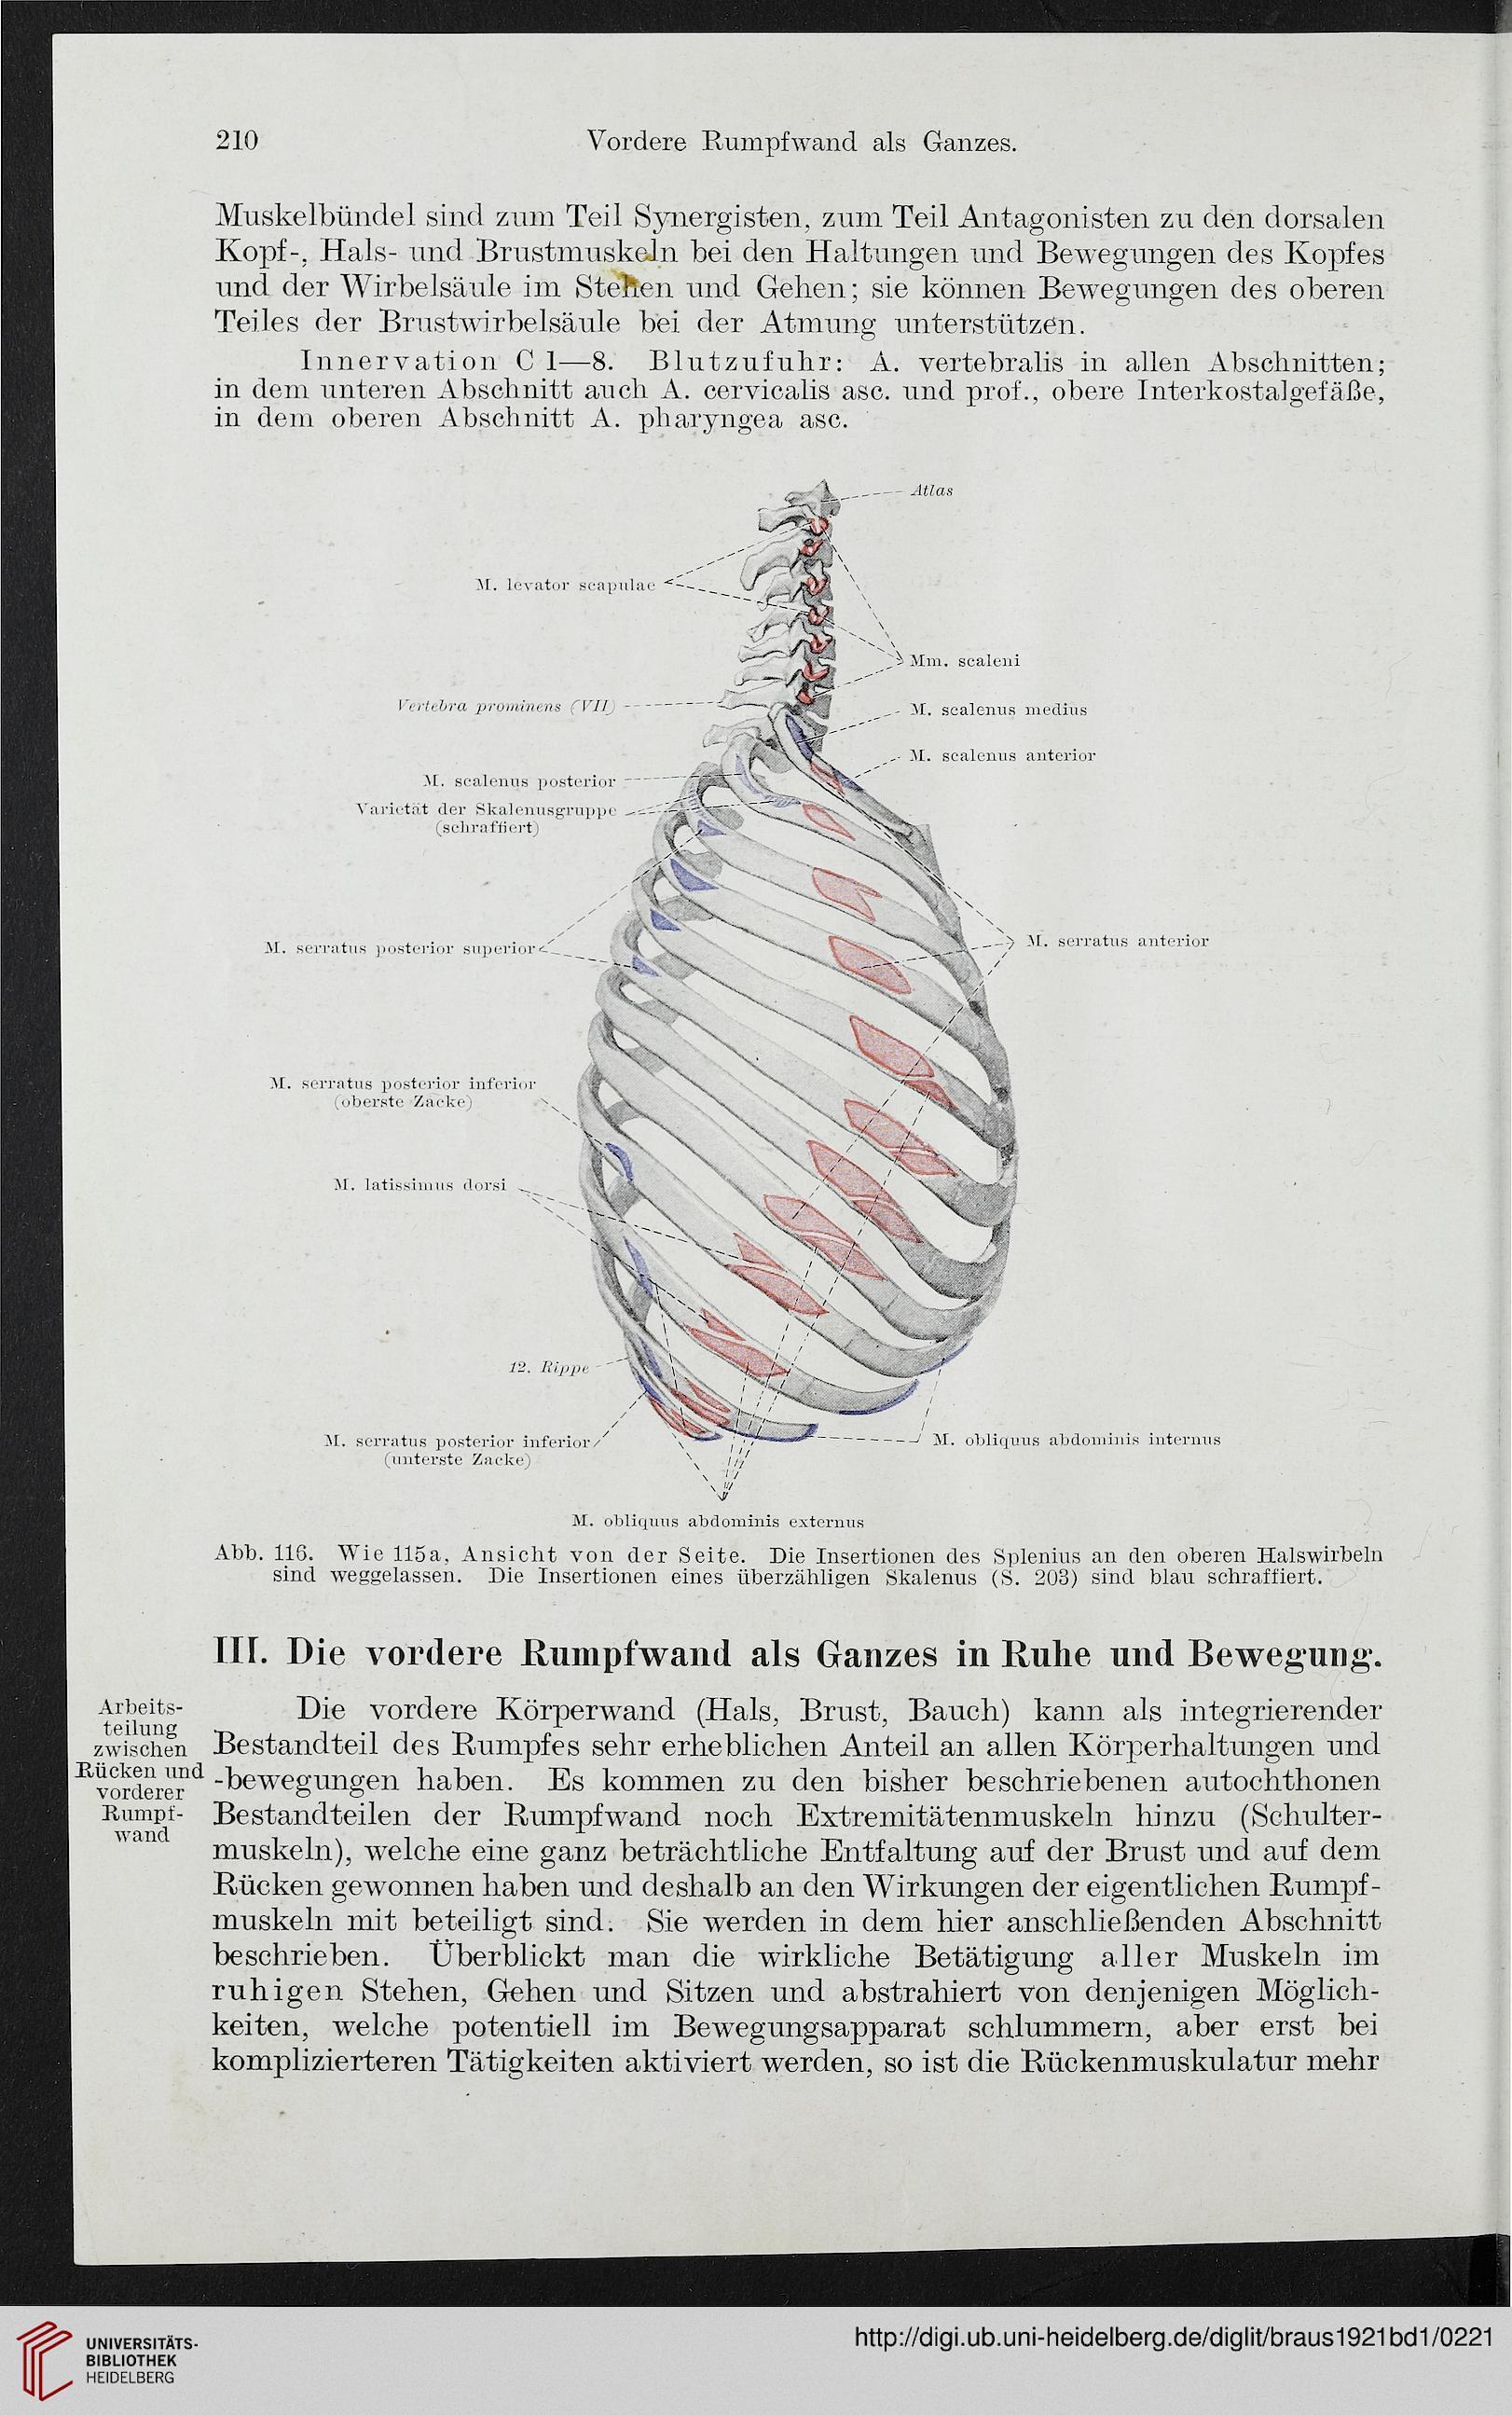 Charmant Synergisten In Der Anatomie Galerie - Anatomie Ideen ...